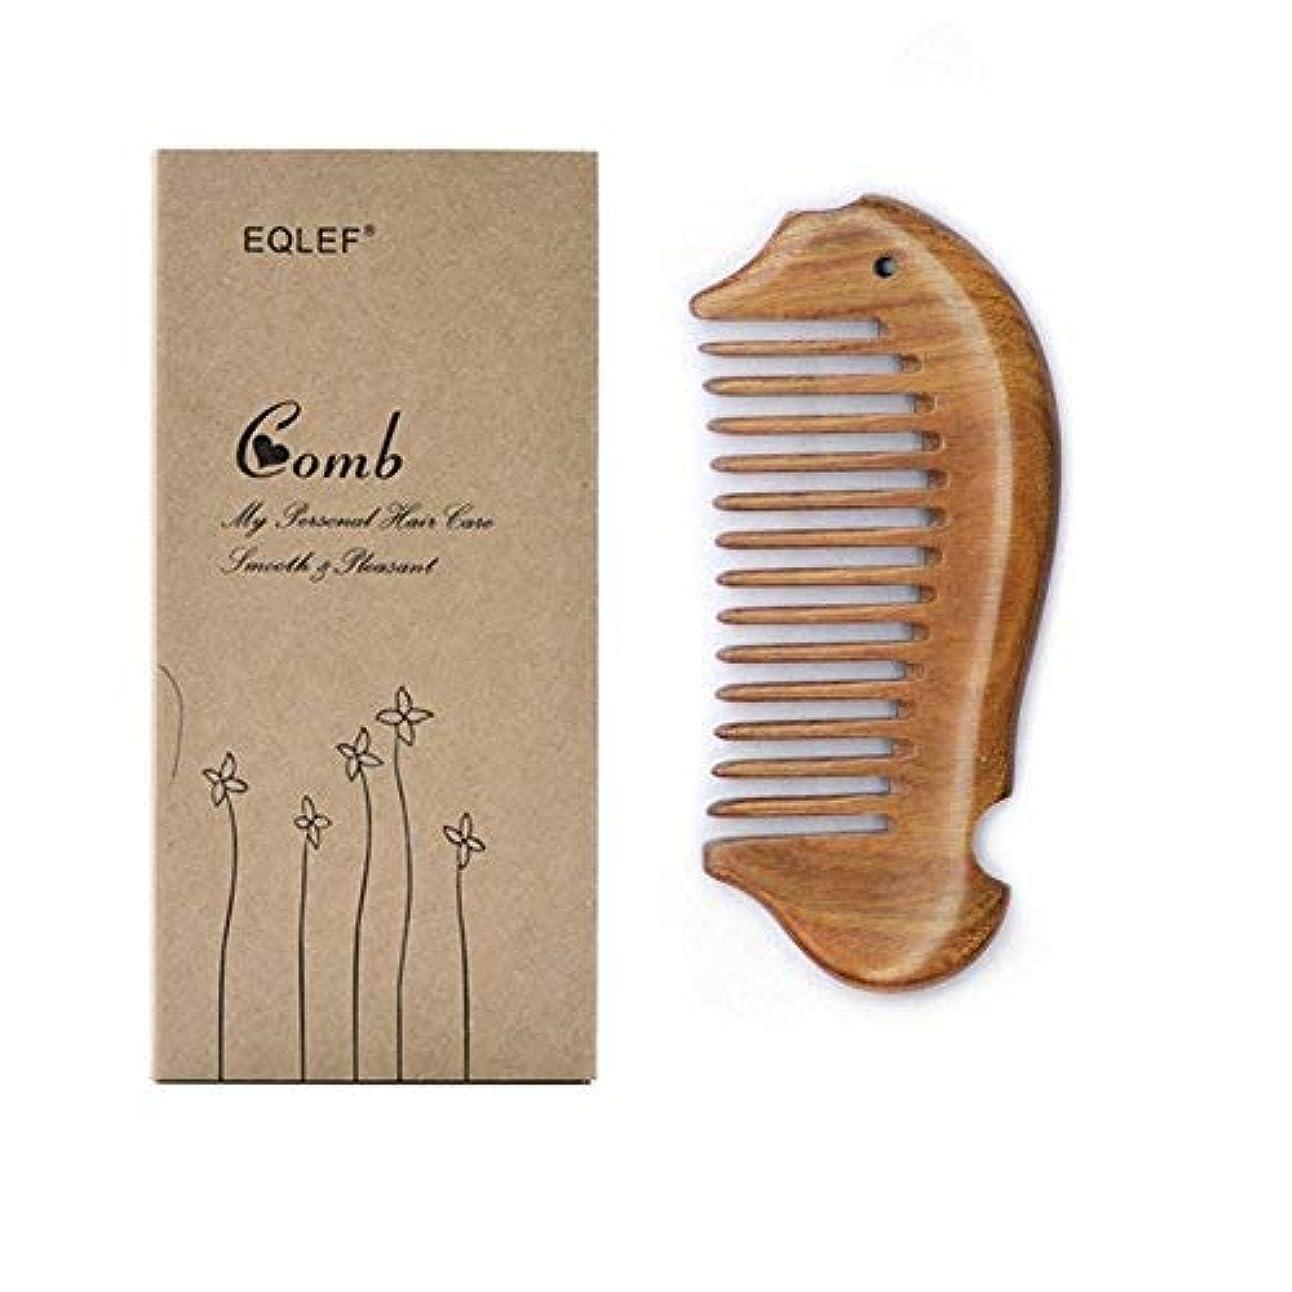 文法落ち込んでいるバイアスEQLEF? Fish shape Beard Comb Wooden Comb wide Tooth Green Sandalwood Pocket Comb Small Hair Comb Hair Brush [並行輸入品]